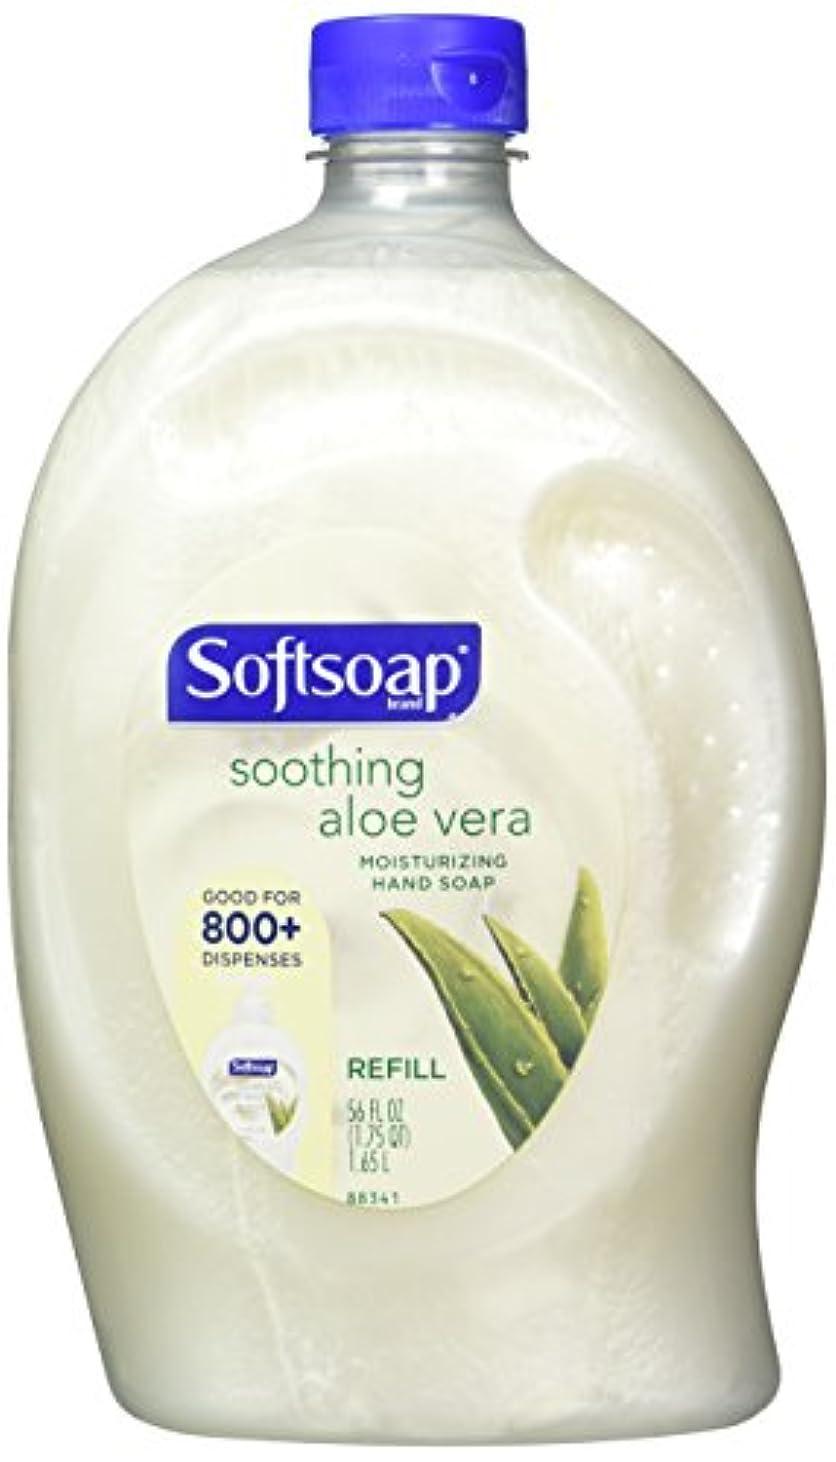 首連帯あなたが良くなりますSoftsoap液体Moisturizing Hand Soap Refill 56 fl oz, 2 Count ACP-2685